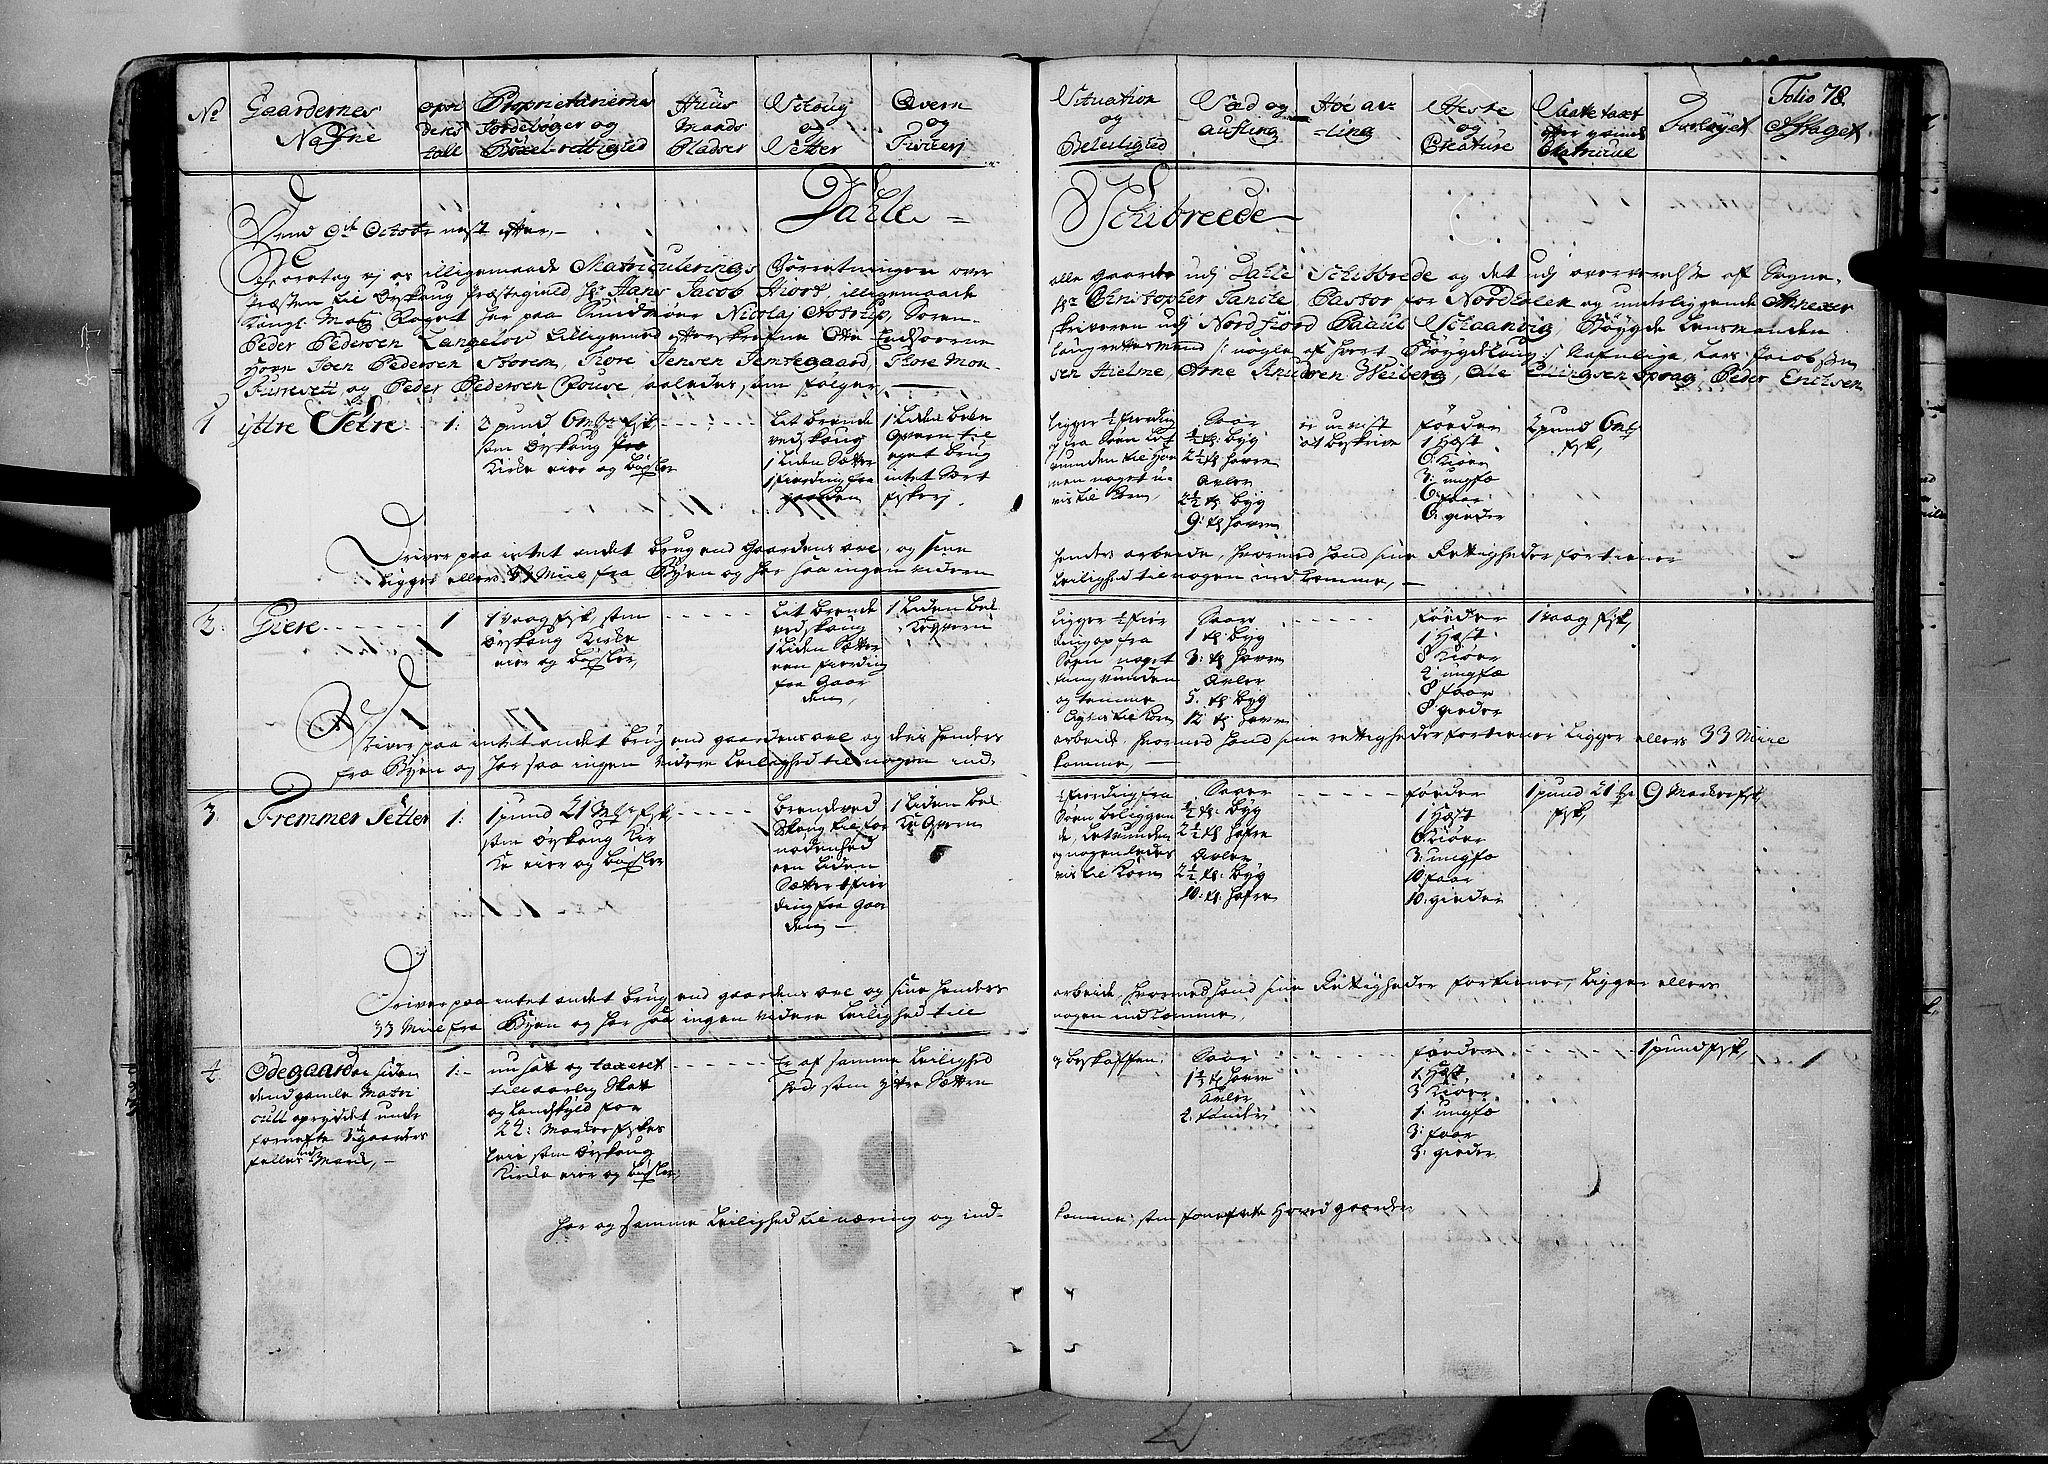 RA, Rentekammeret inntil 1814, Realistisk ordnet avdeling, N/Nb/Nbf/L0150: Sunnmøre eksaminasjonsprotokoll, 1724, s. 77b-78a